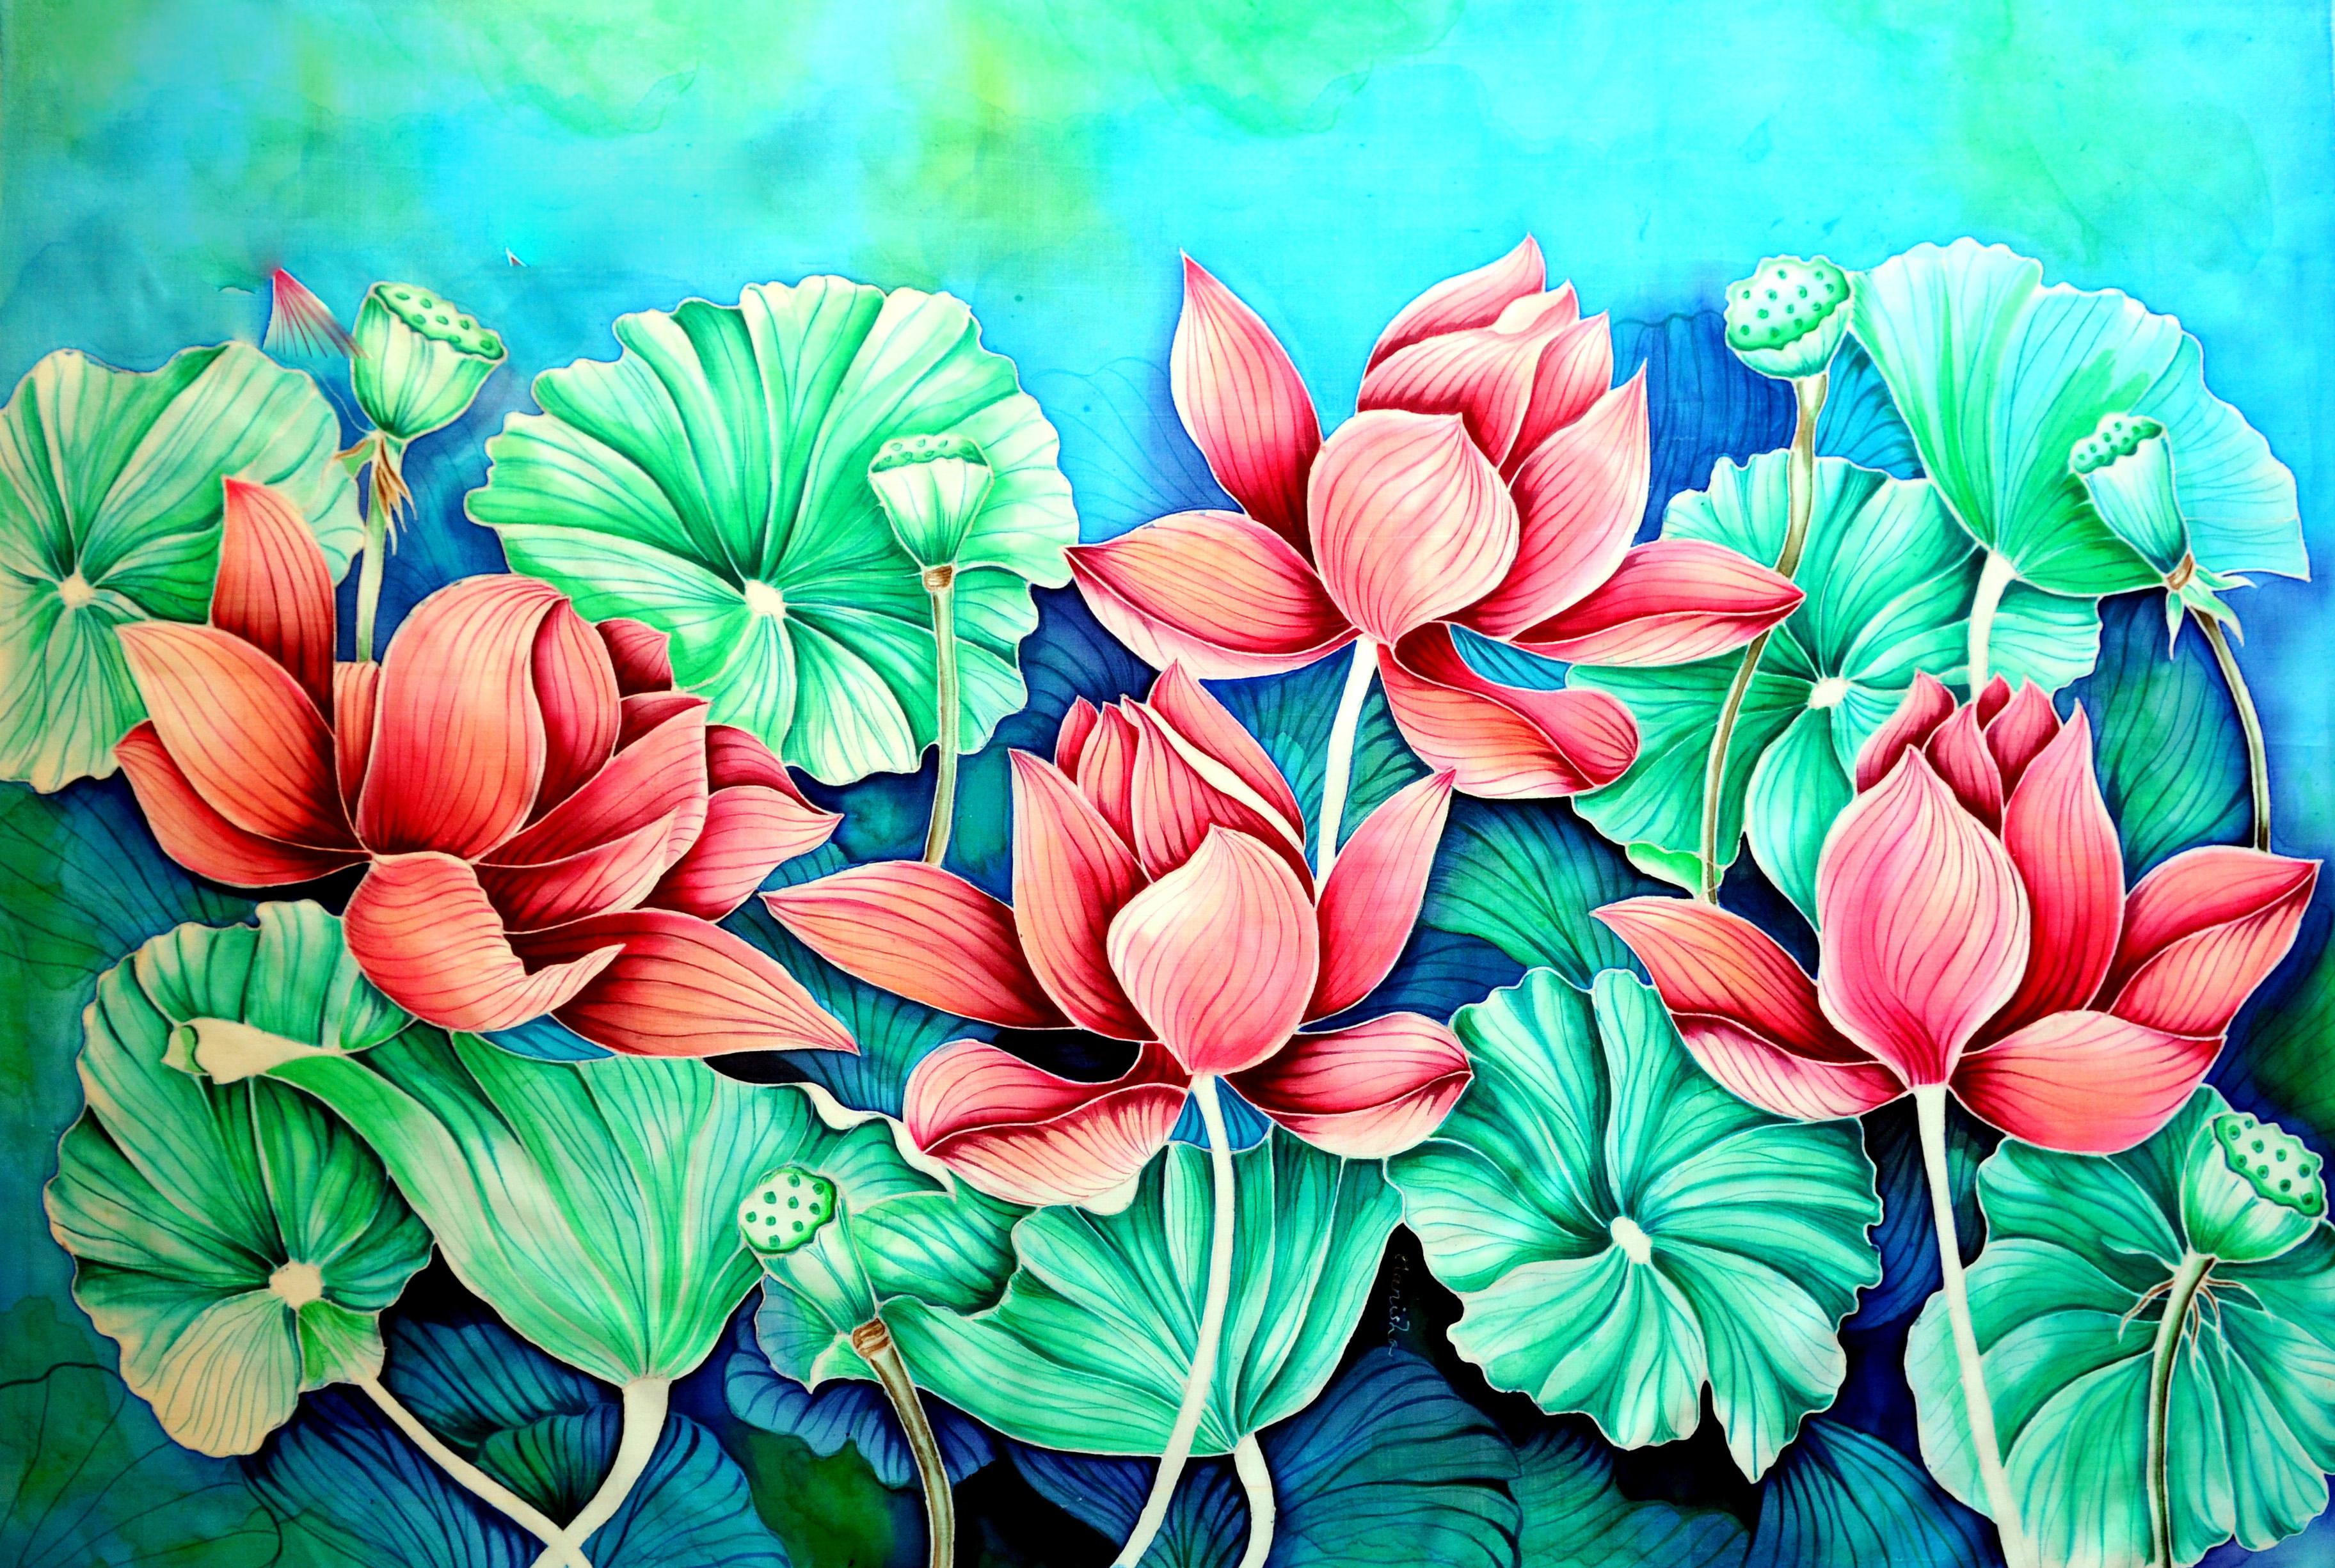 Red Lotus Pond Sold Amrayi